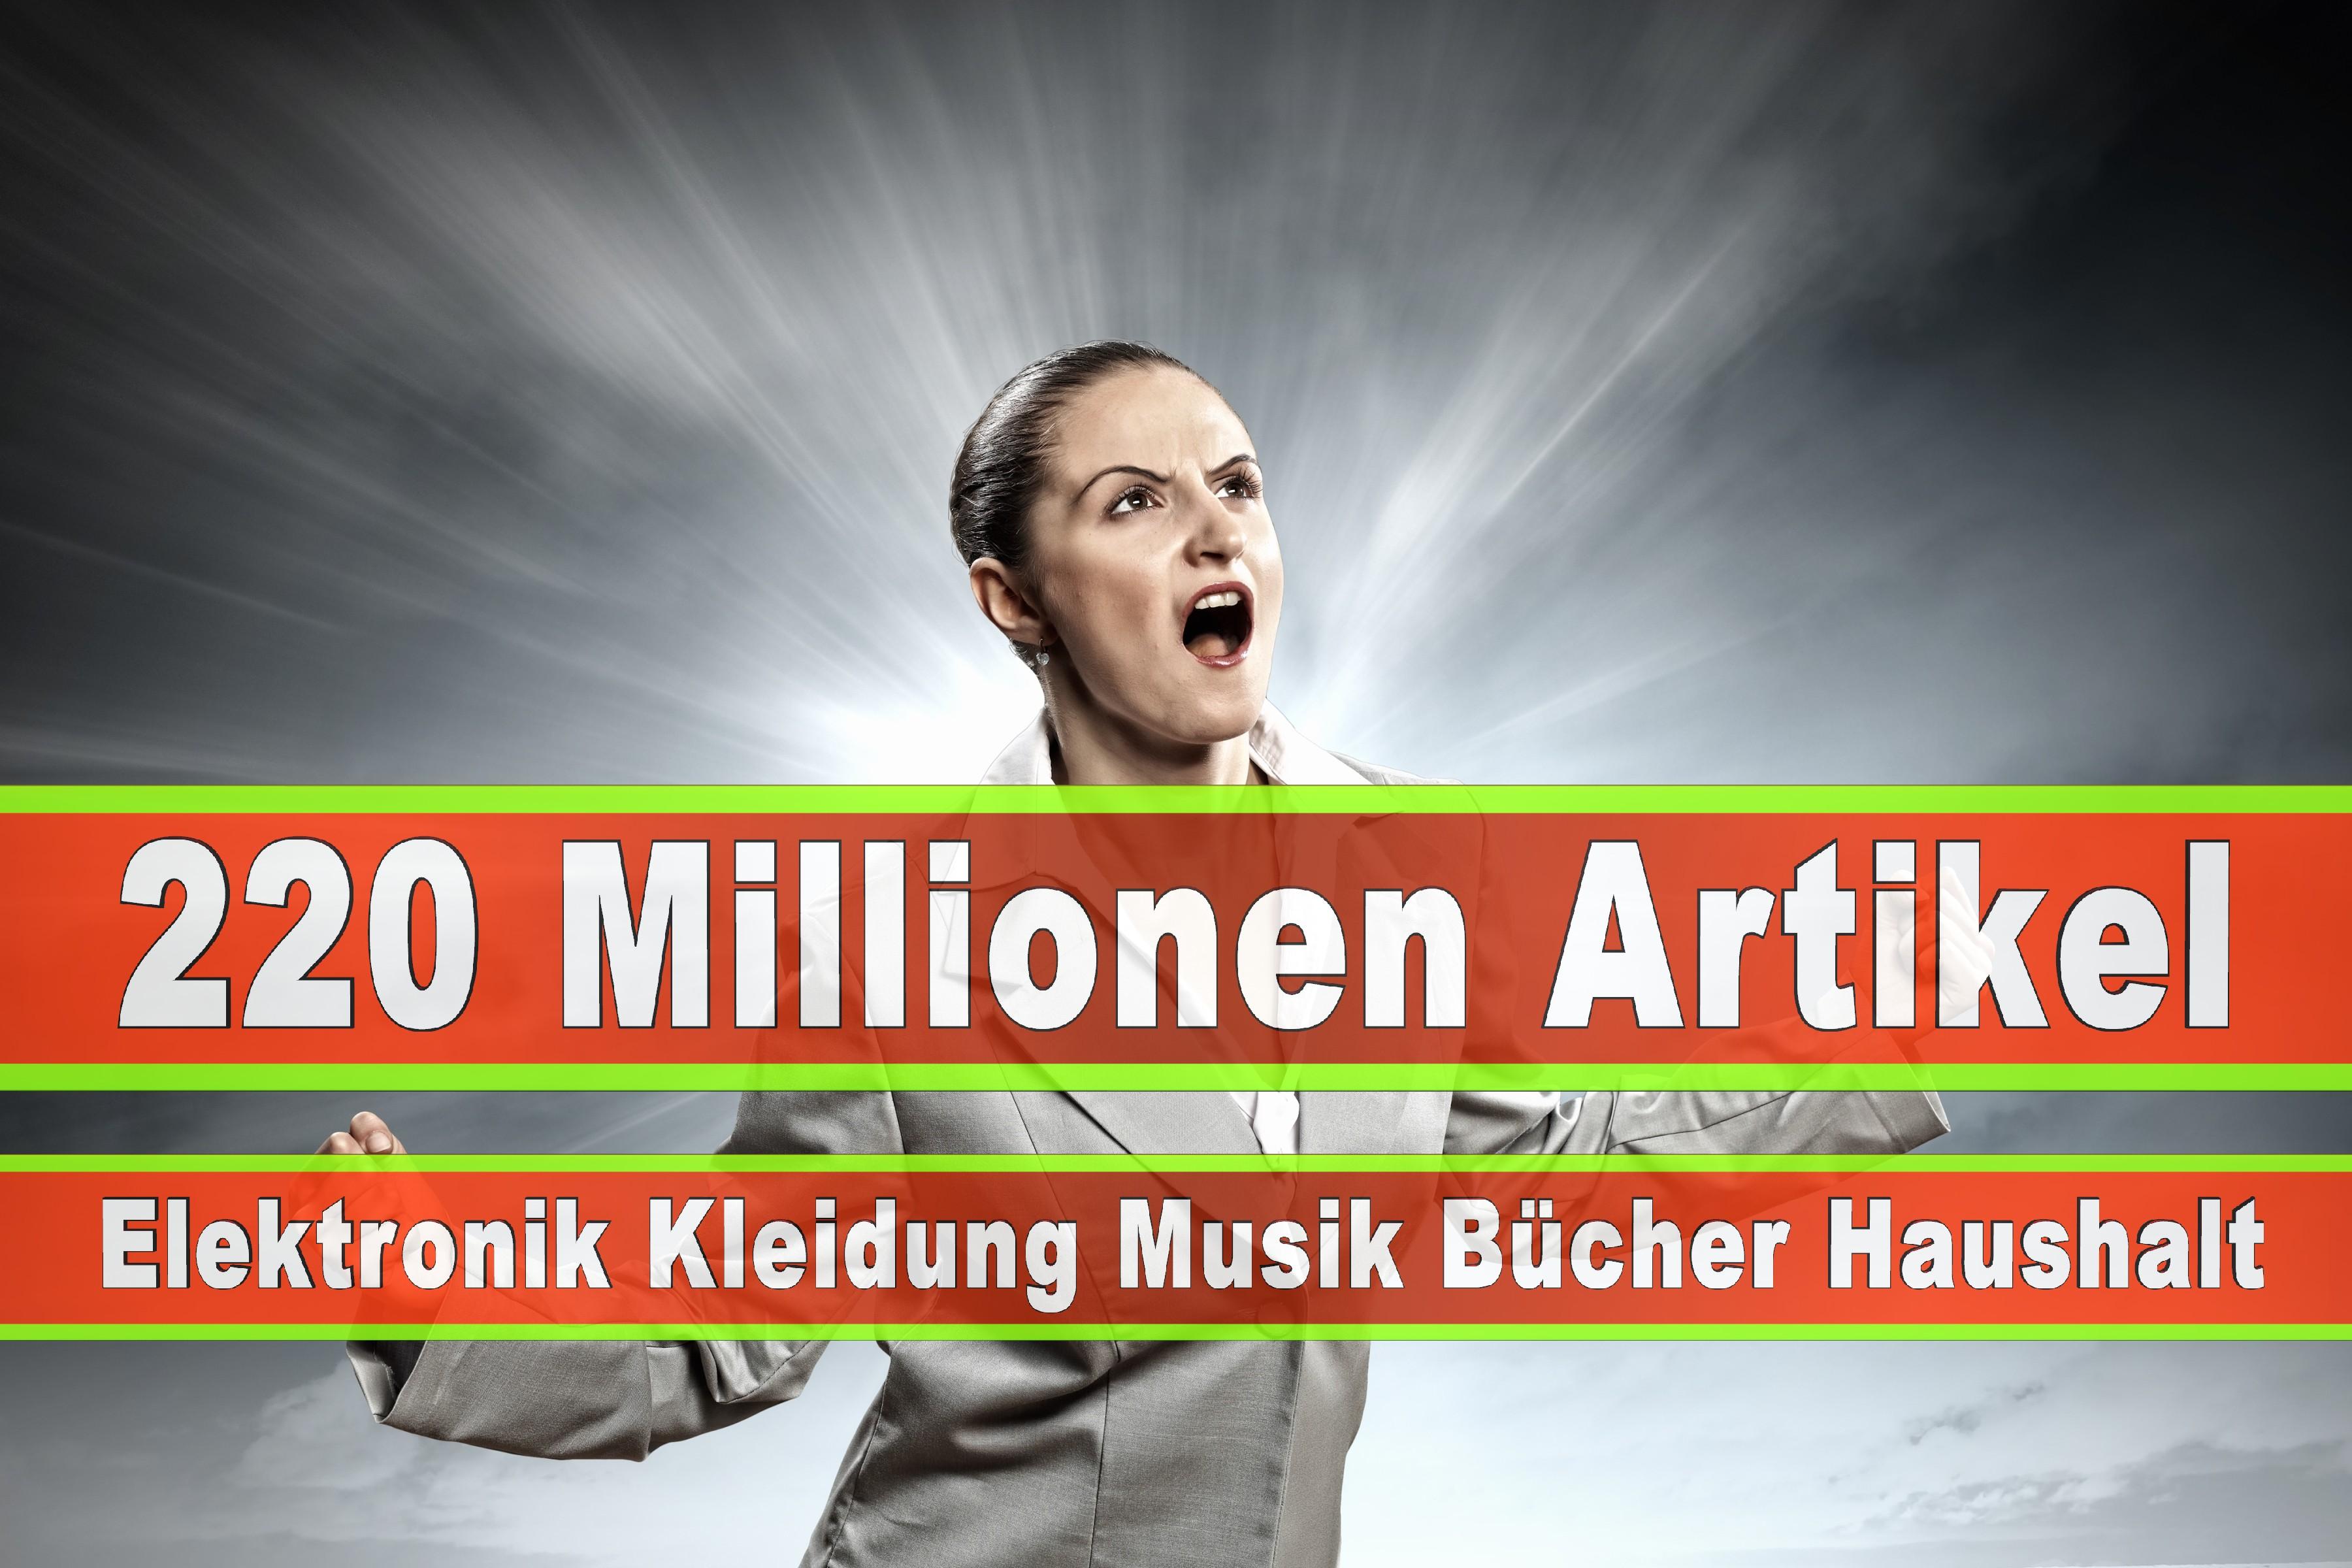 Amazon Elektronik Musik Haushalt Bücher CD DVD Handys Smartphones TV Television Fernseher Kleidung Mode Ebay Versandhaus (100)